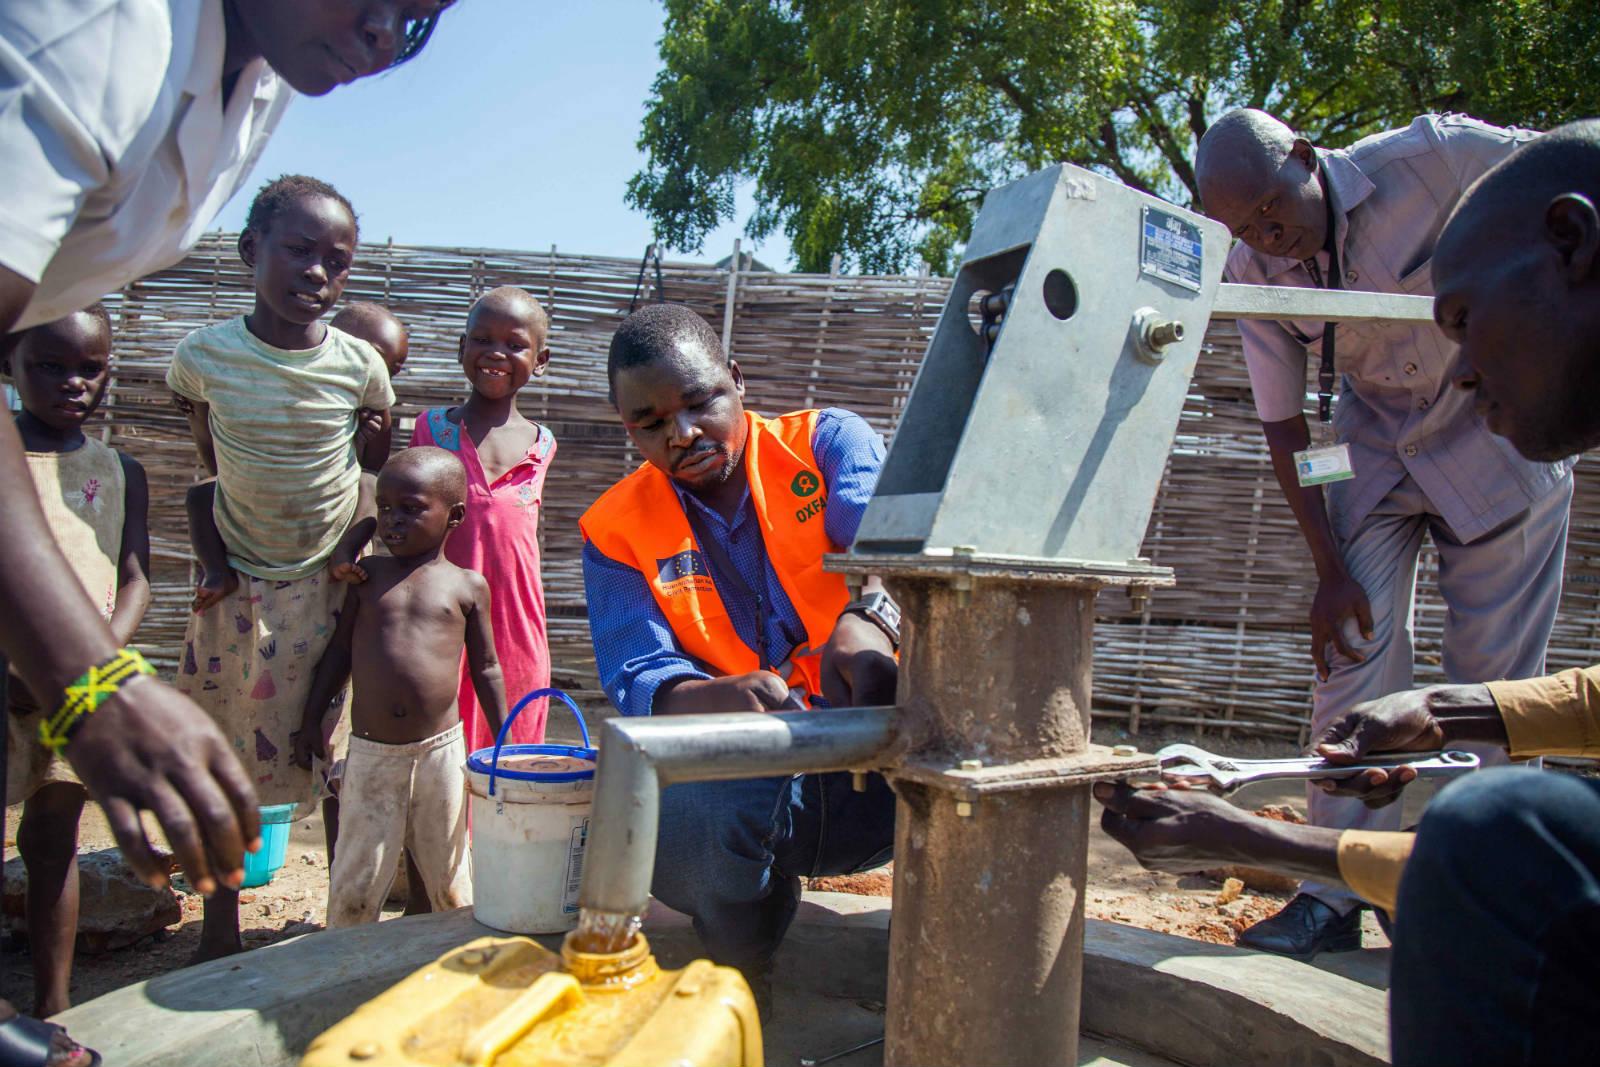 樂施會人員在全國多處修復水管,及進行食水衛生檢測,以確保水質安全。(Albert Gonzalez Farran /Oxfam)